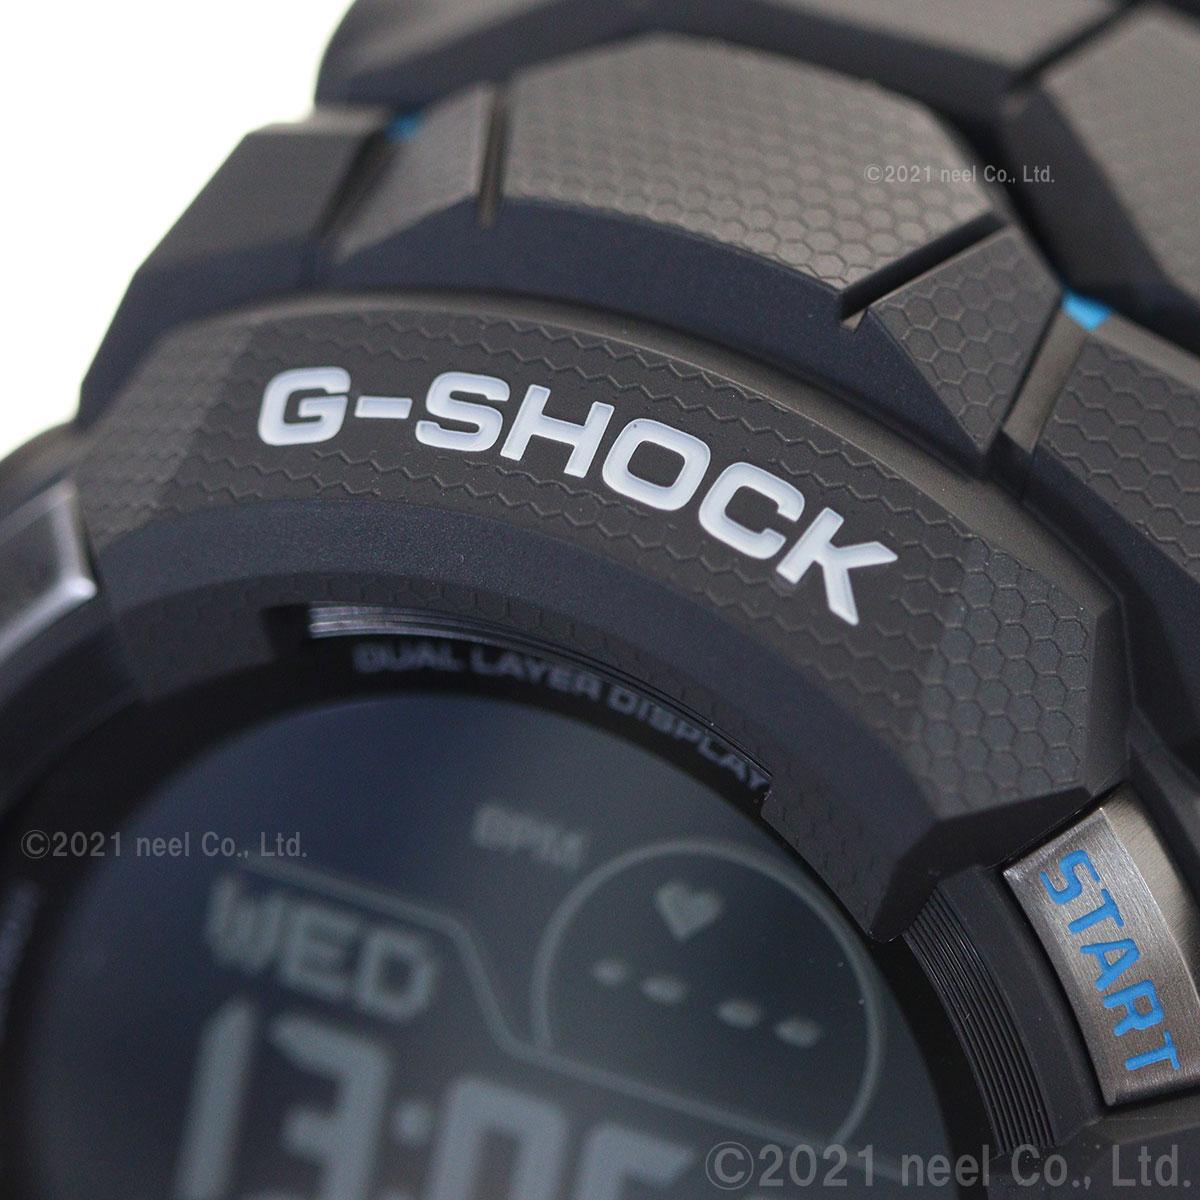 G-SHOCK G-SQUAD PRO GSW-H1000-1JR カシオ Gショック GPS スマートウォッチ CASIO 腕時計 メンズ ジースクワッド プロ